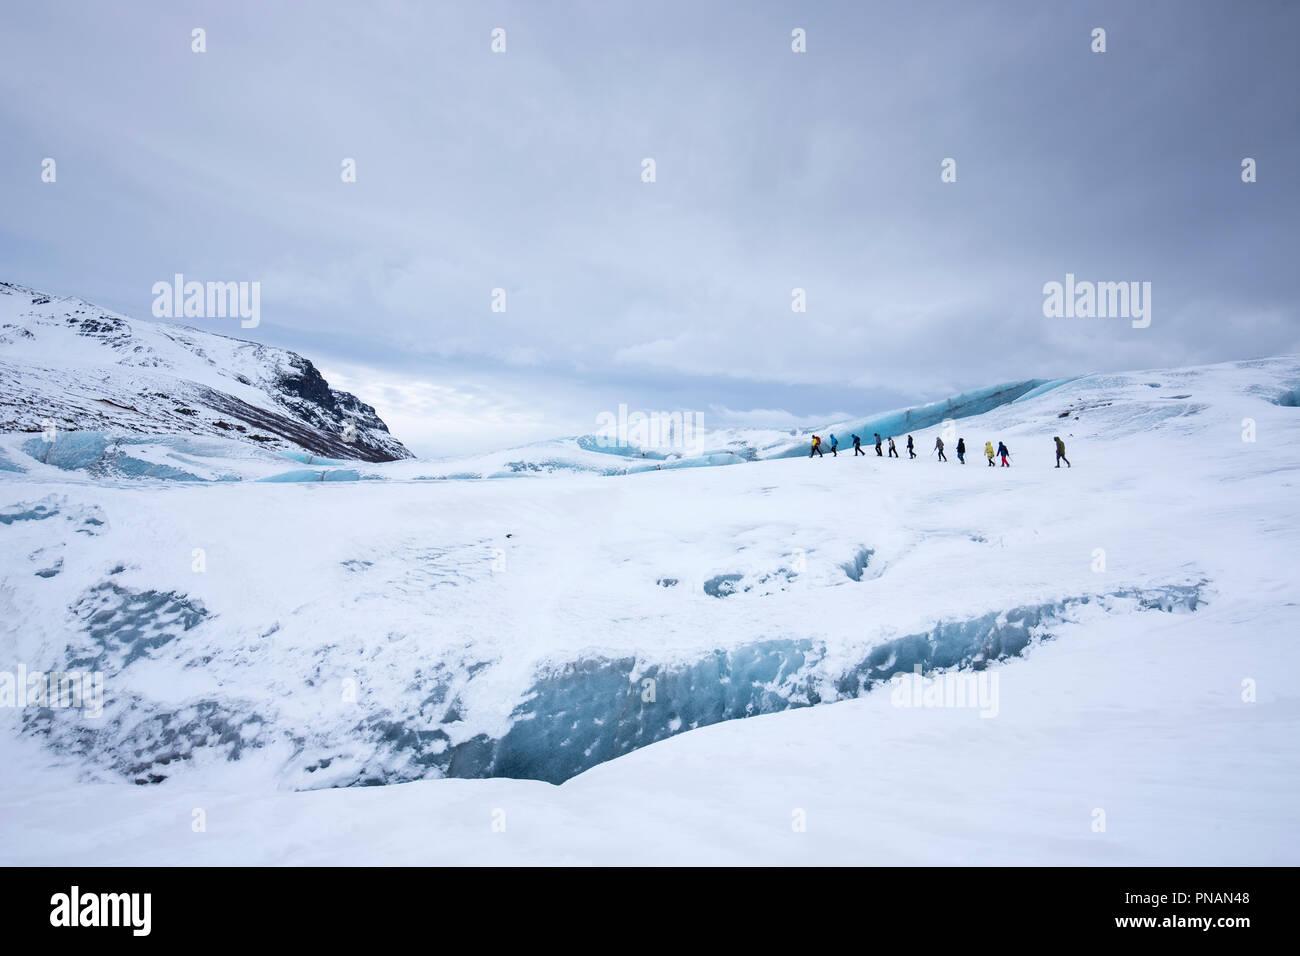 Touristen durch das Tragen von schützender Kleidung für Gletscherwanderung auf Svinafellsjokull Gletscher eine Steckdose Gletscher Vatnajökull, South Island Stockbild